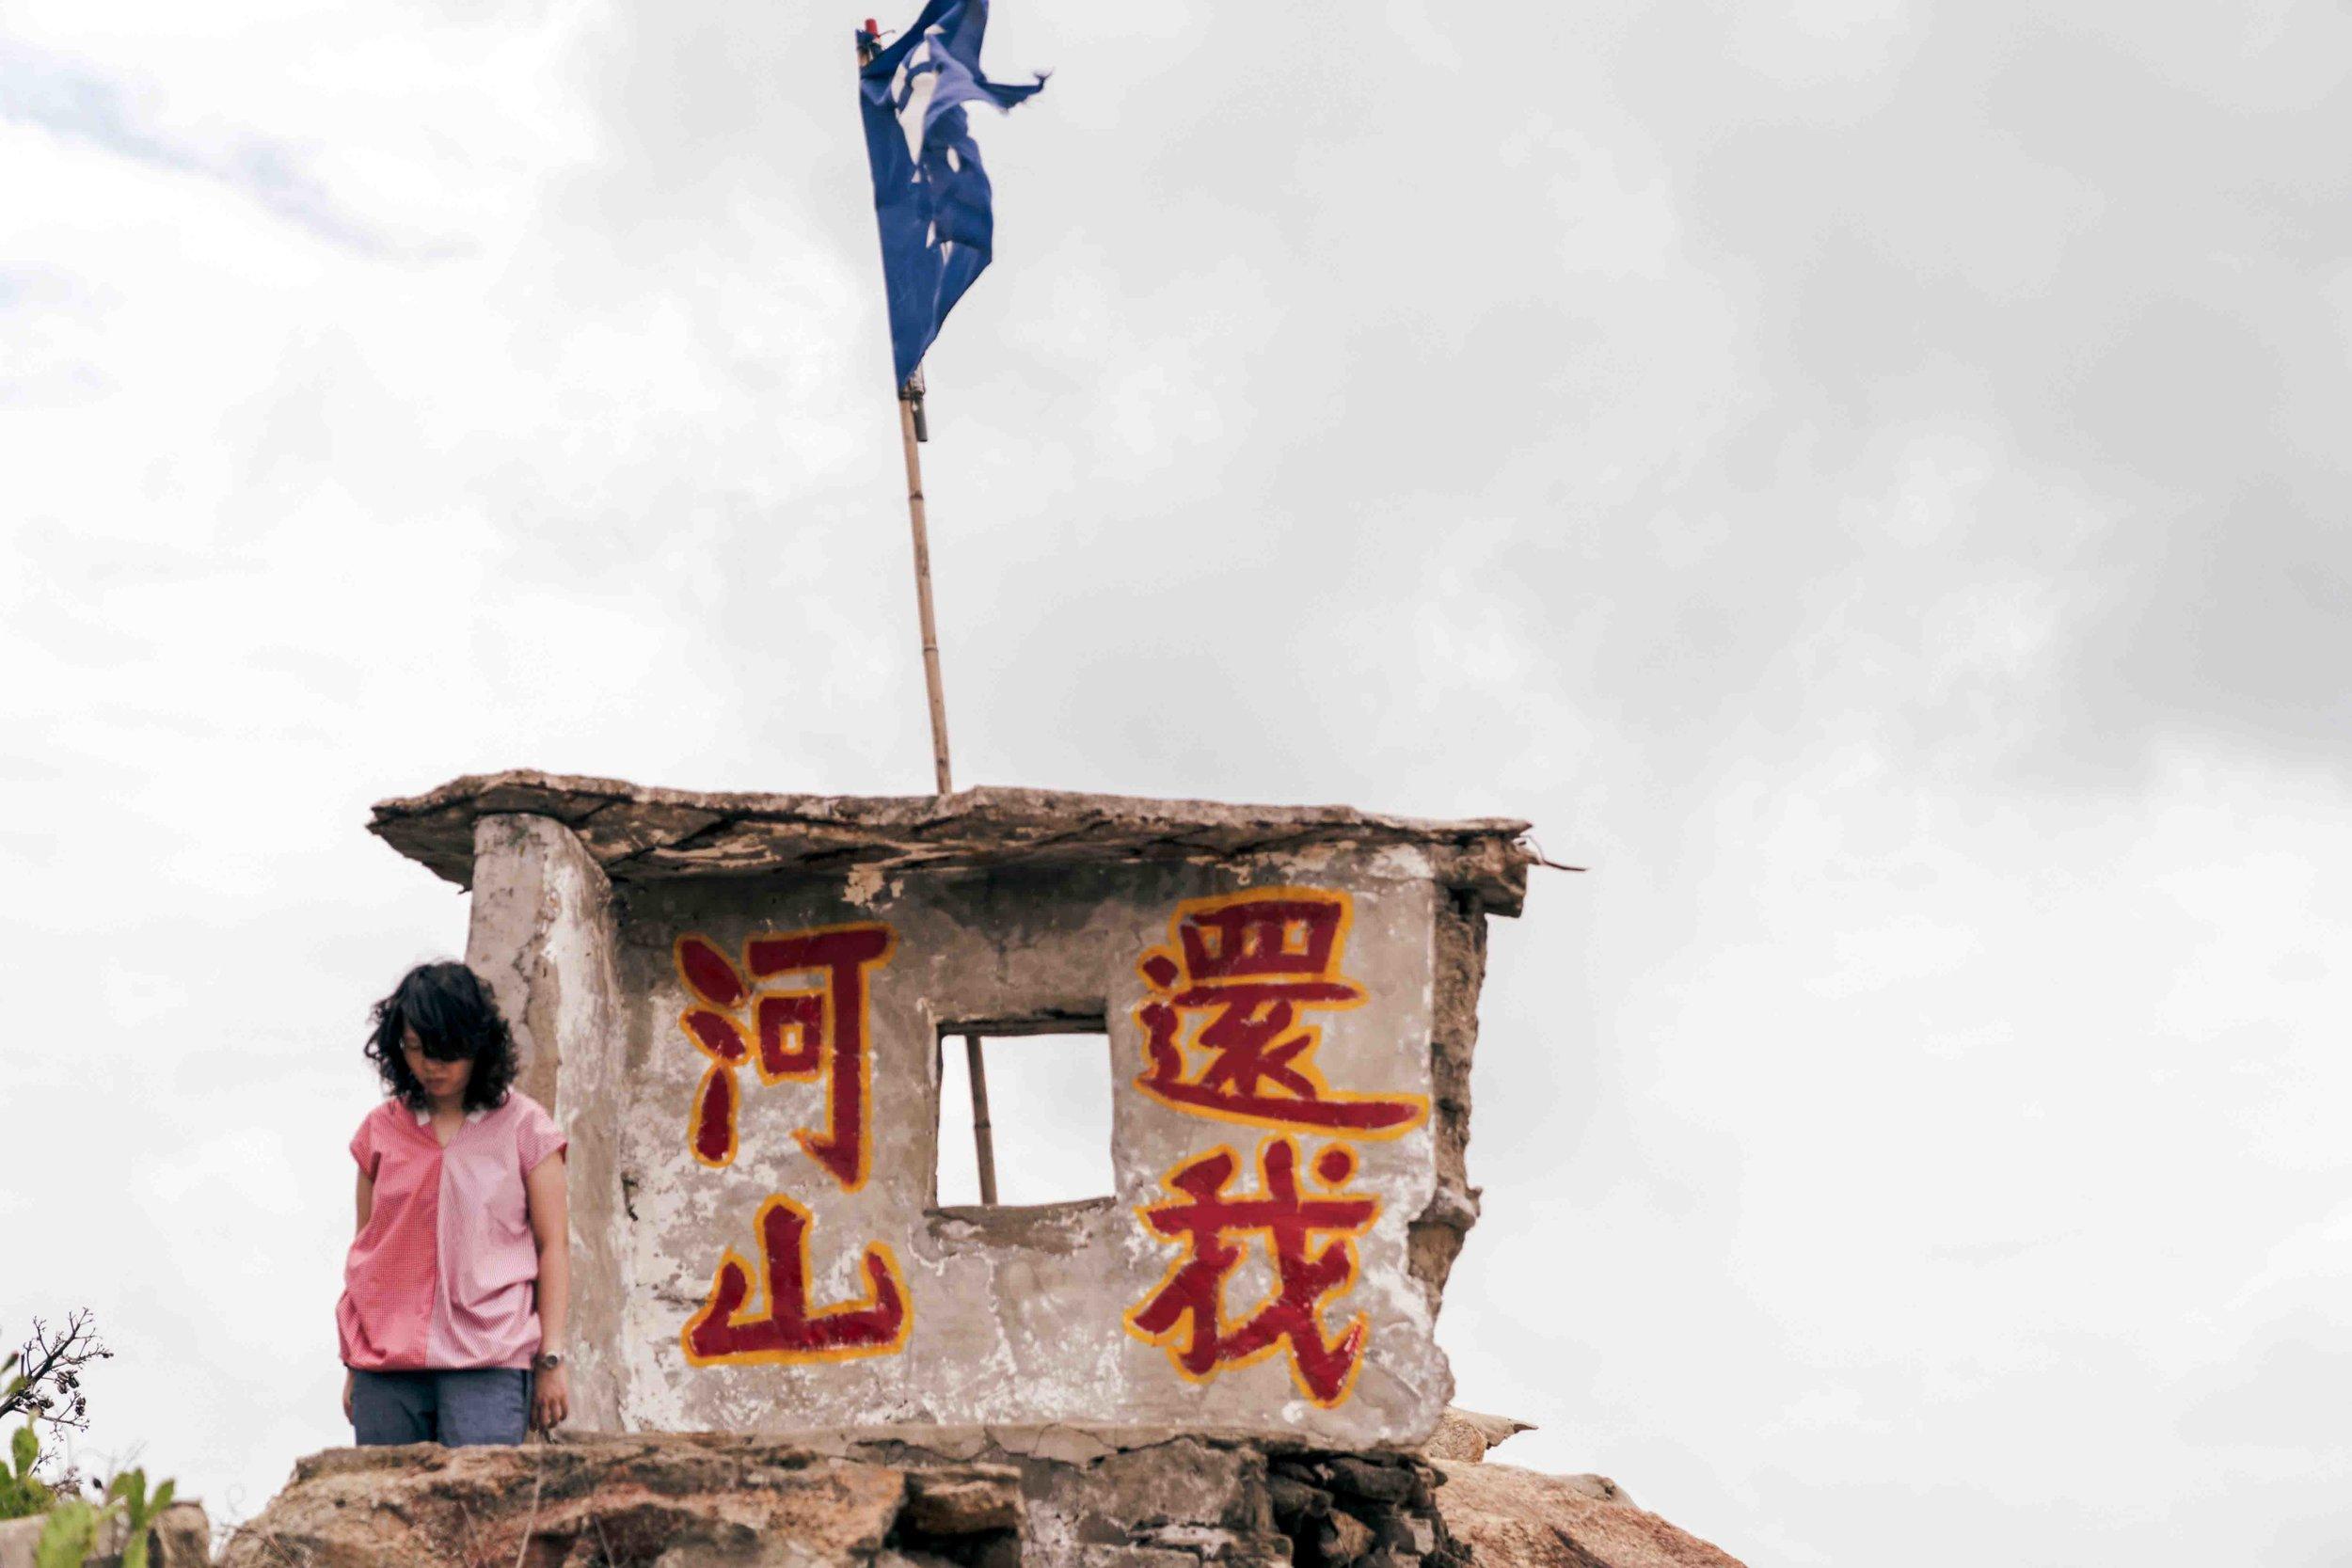 Photoshoot (Ada Kai-Ting Yang) in Kinmen, 2018. Photographer: Jen-Chieh Liu